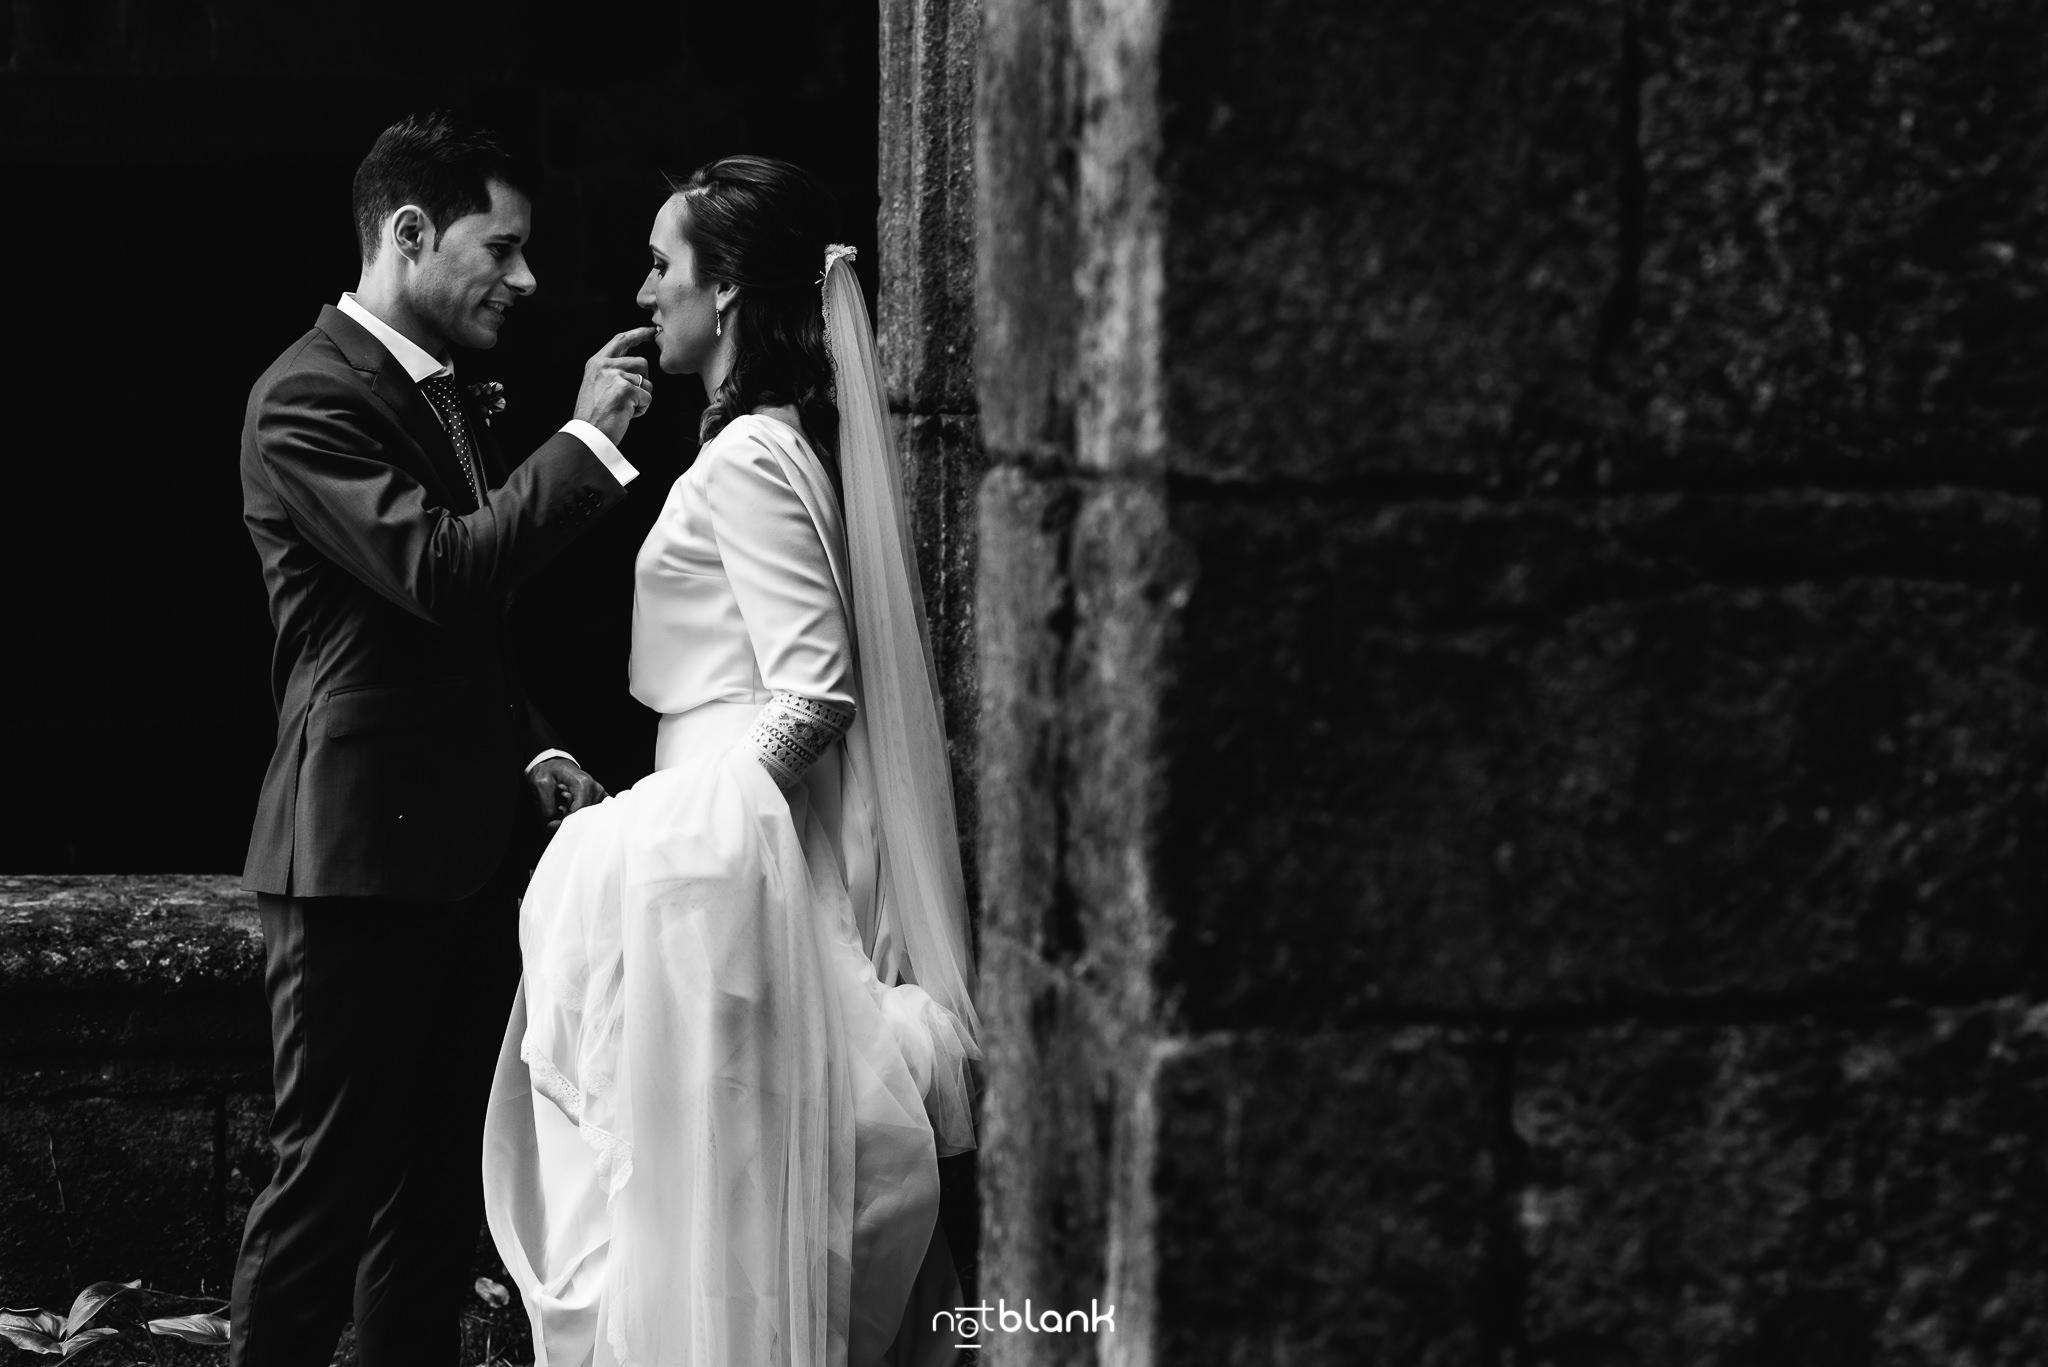 Boda en La Guardia de Conchi y Rubén. Reportaje realizado por Notblank Fotografos de boda.